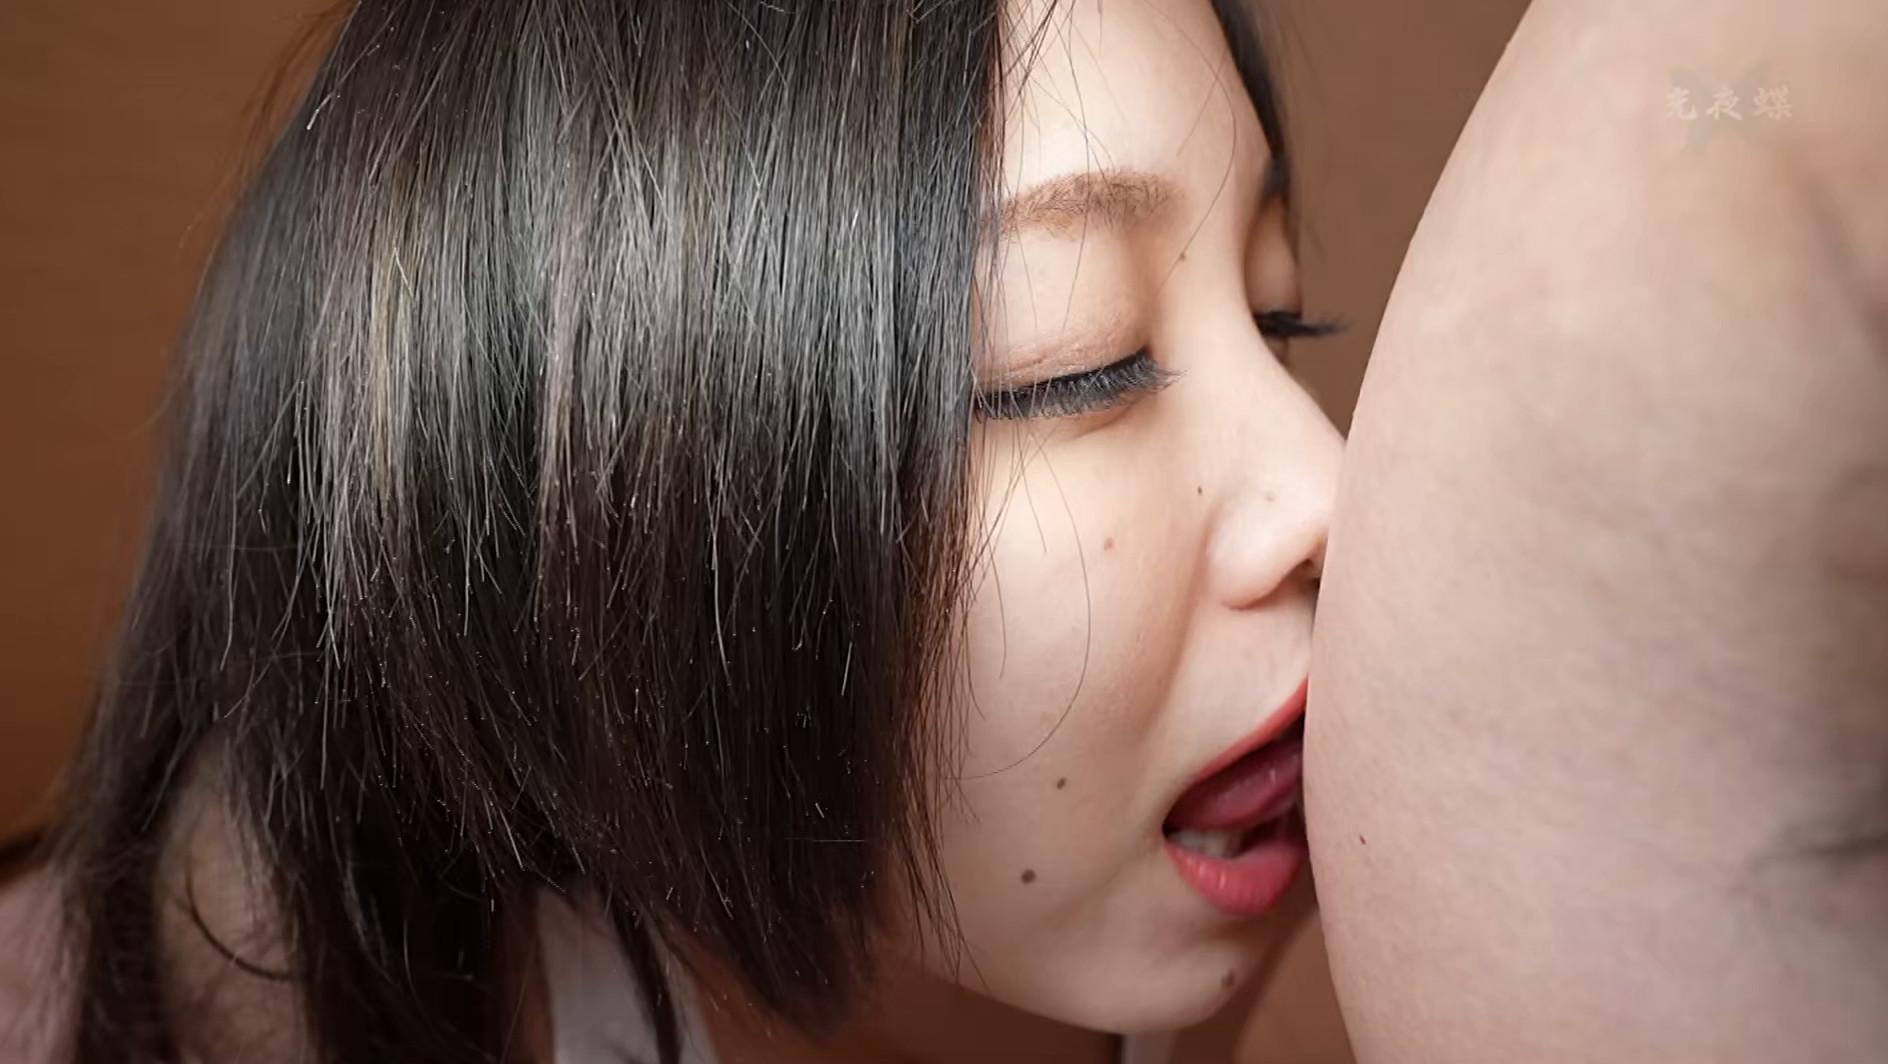 隣の田中さんが何故か僕の家に来てずっーーと乳首を弄り回してくるんです(汗) 田中ねね